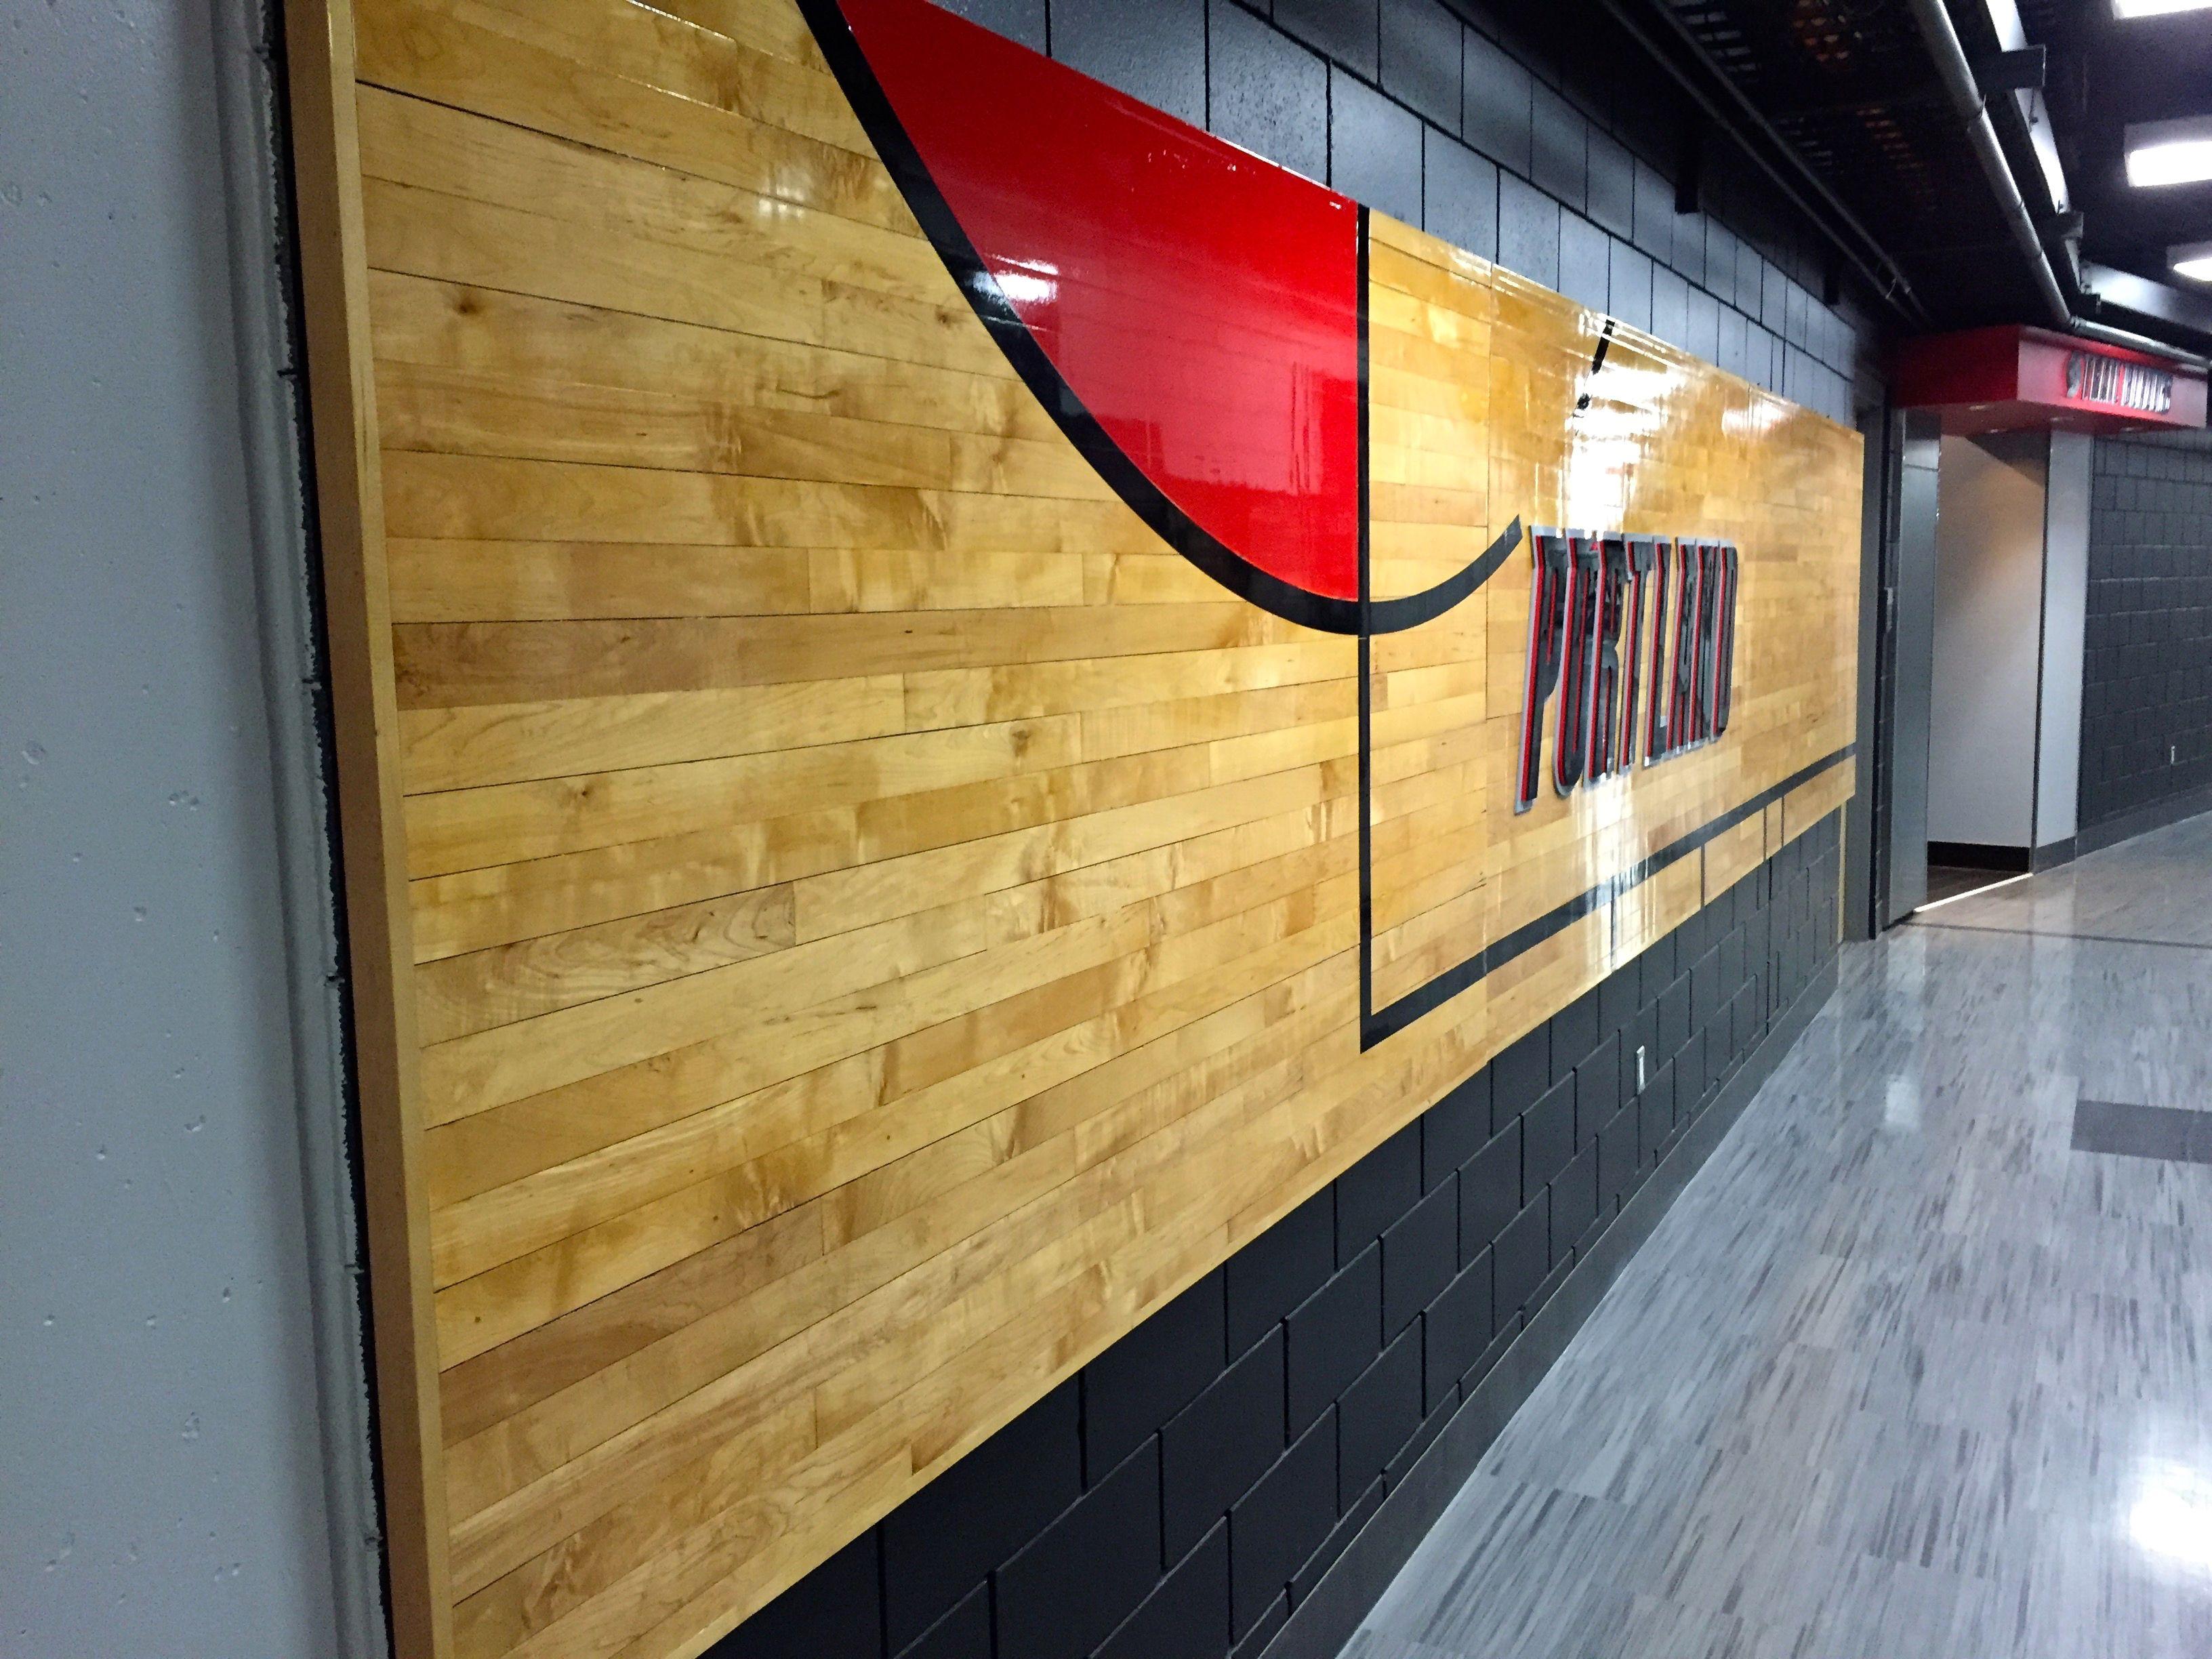 hallway wall art | Tour / Moda Center / Portland Trailblazers ...